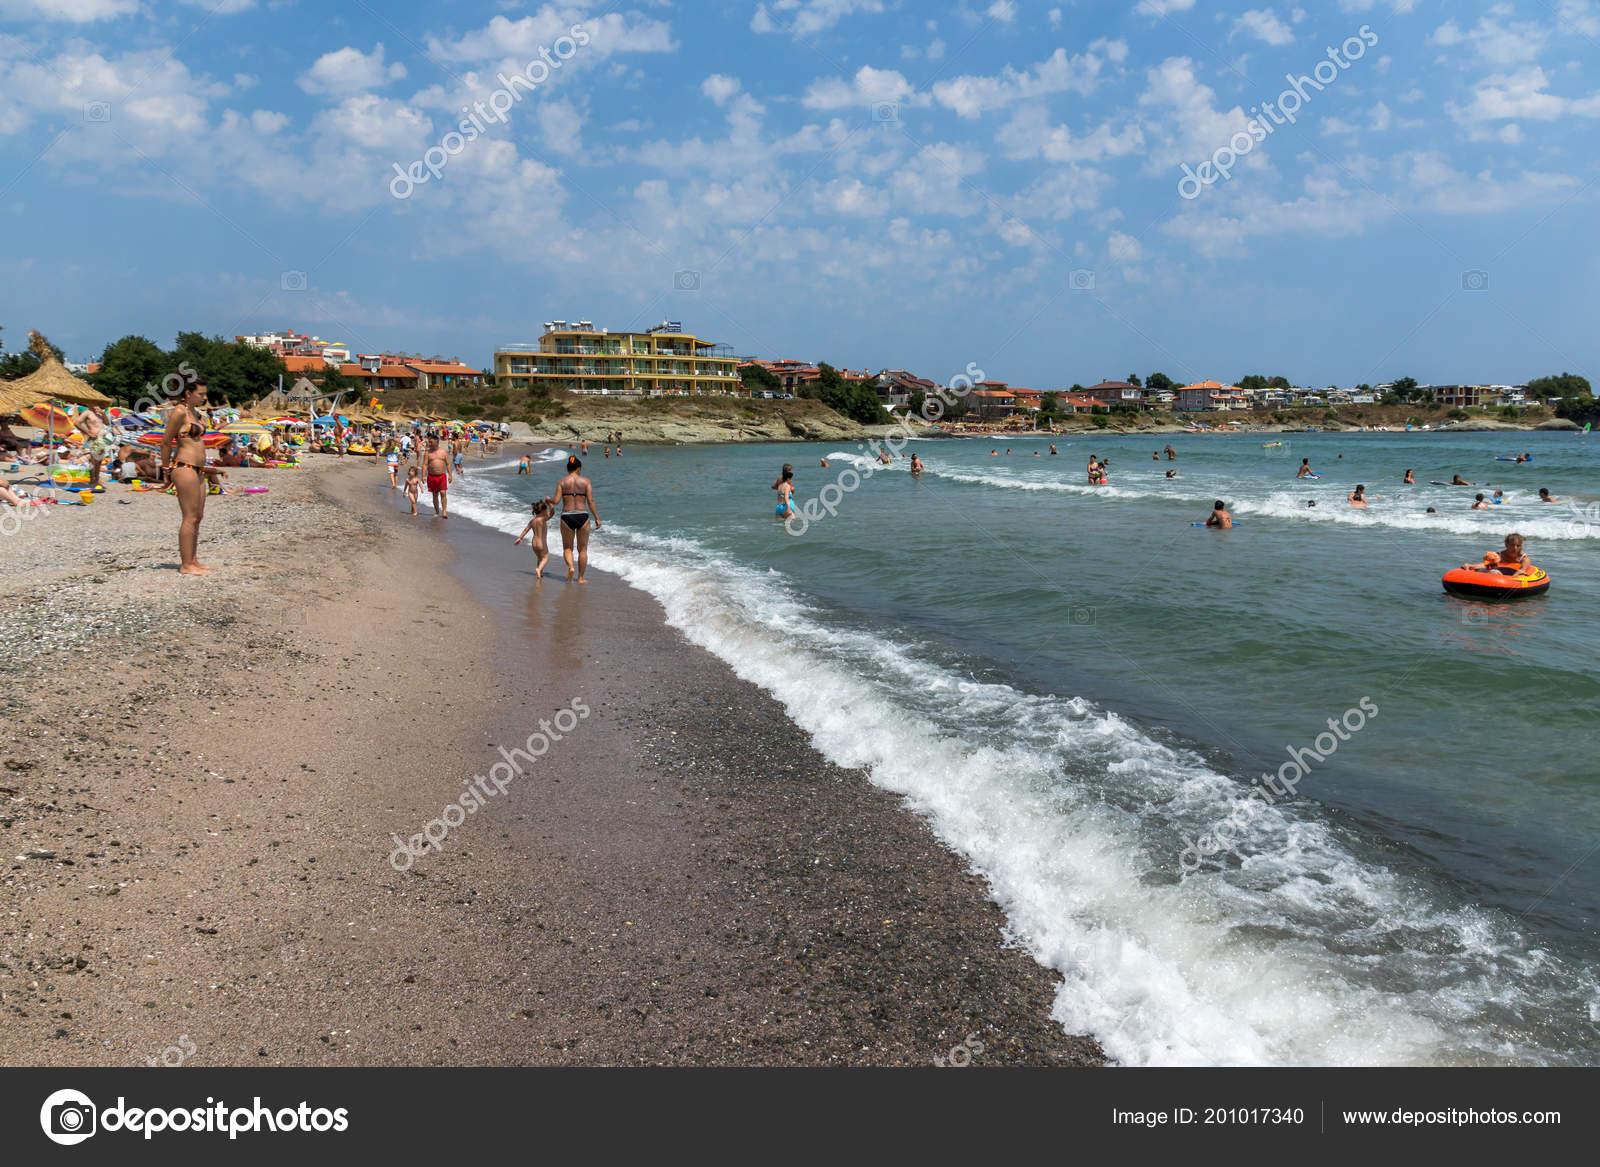 Arapya Bulgaria June 2013 Panoramic View Arapya Beach Town Tsarevo